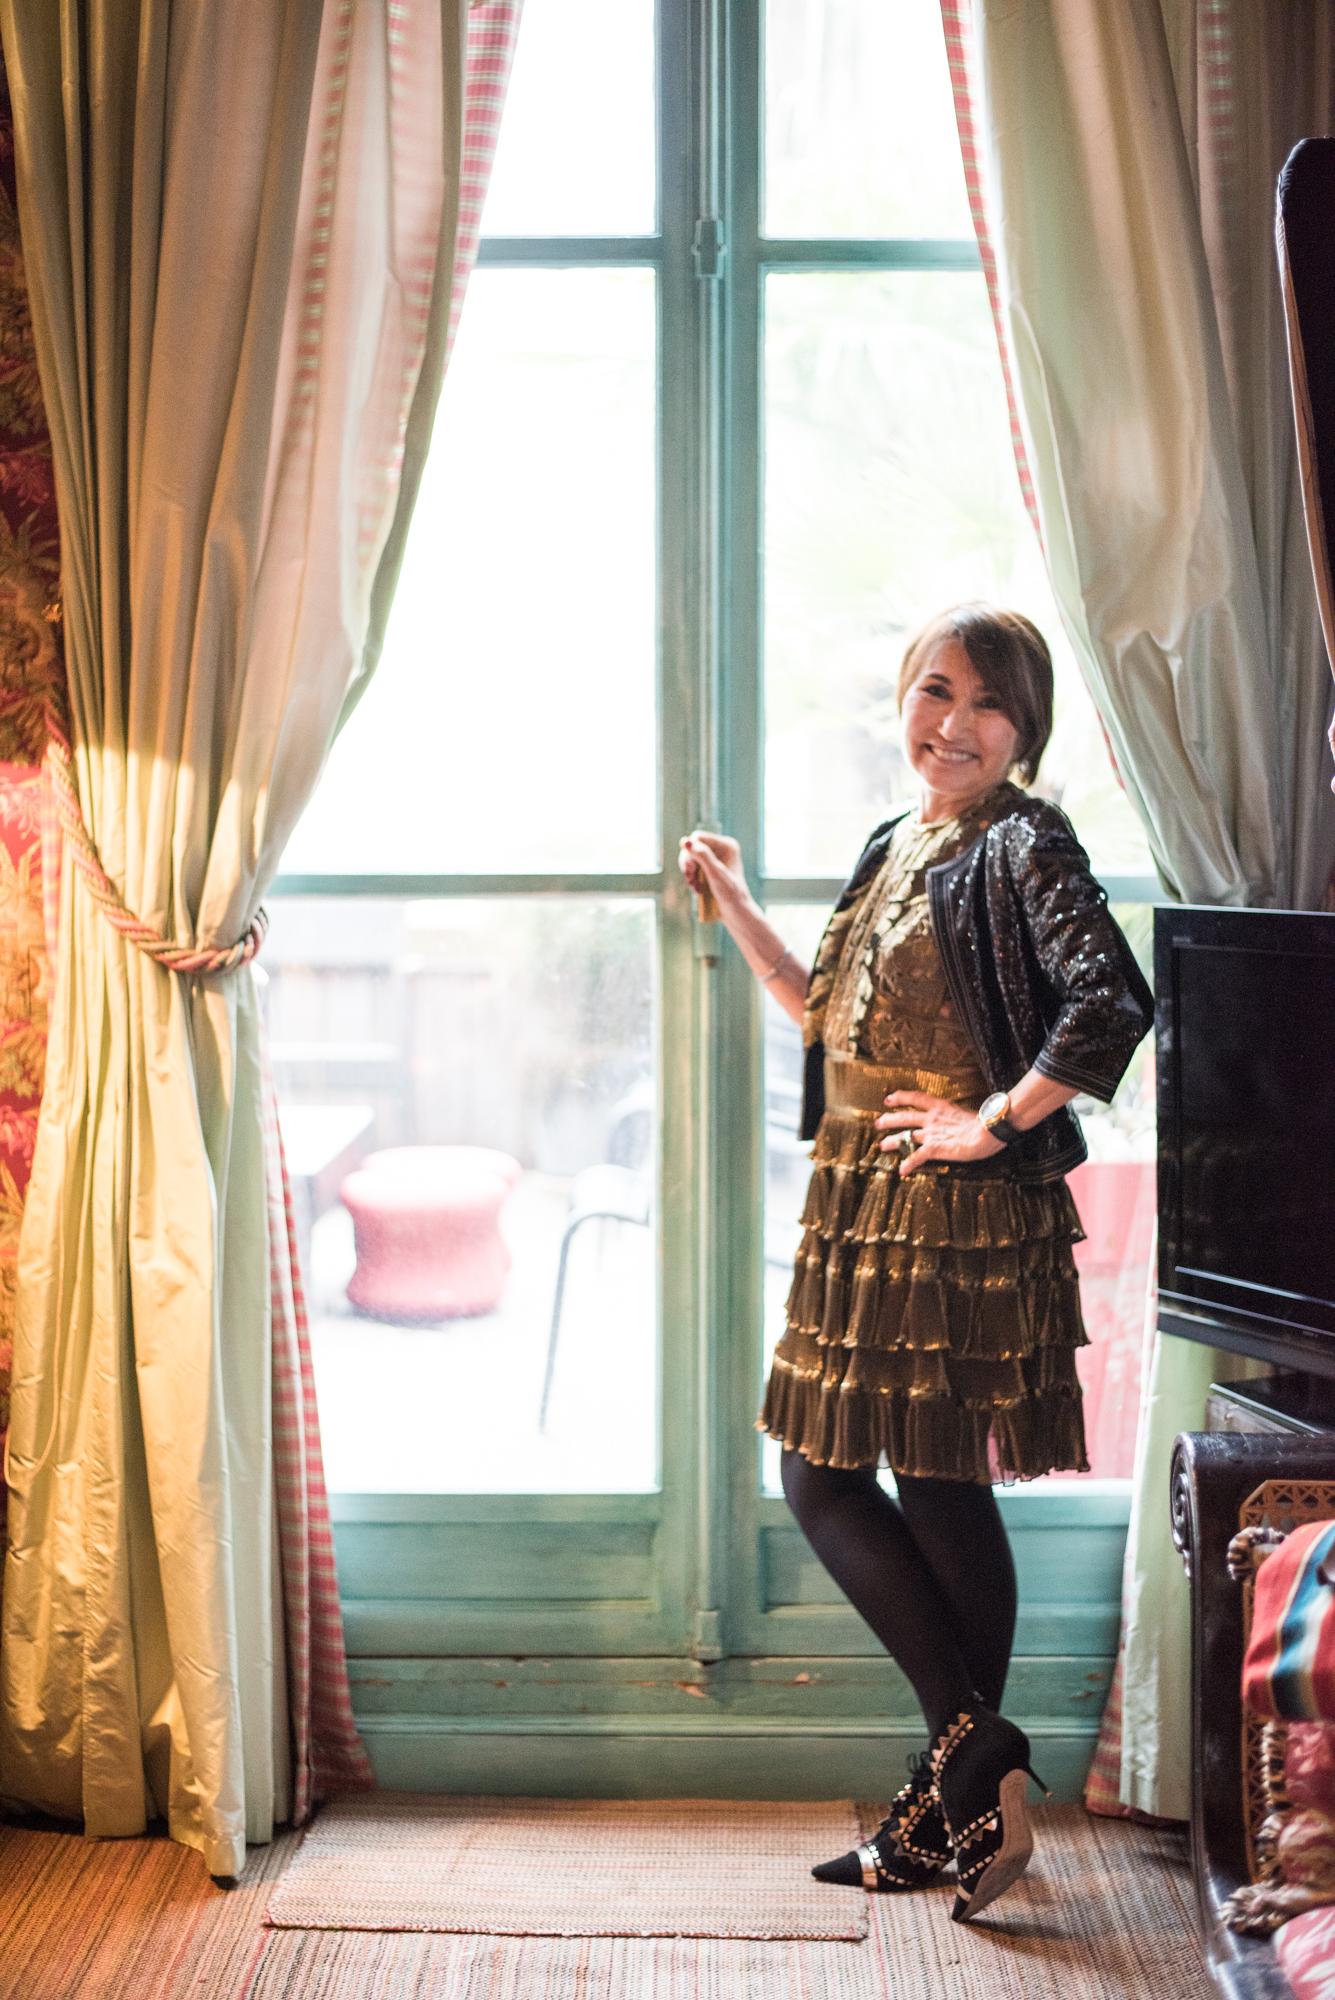 Martine omassa kultaisessa  Elie Saab  mekossaan ja paljetein koristellussa Chanelin jakussa. Nilkkurit  Sophia Webster  sormus Angelo Pintaldi.